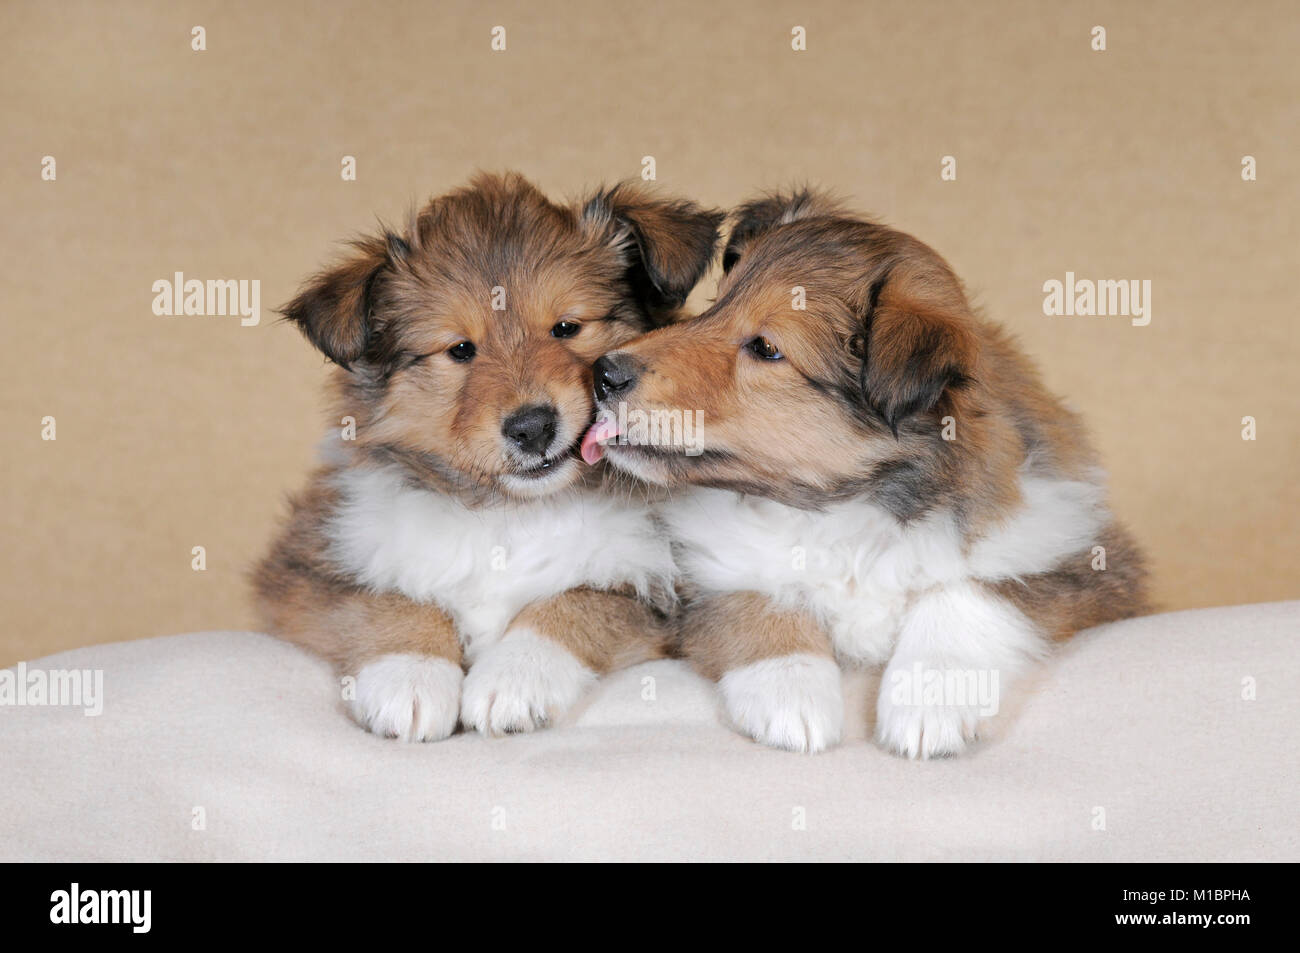 Love N Lick Puppy